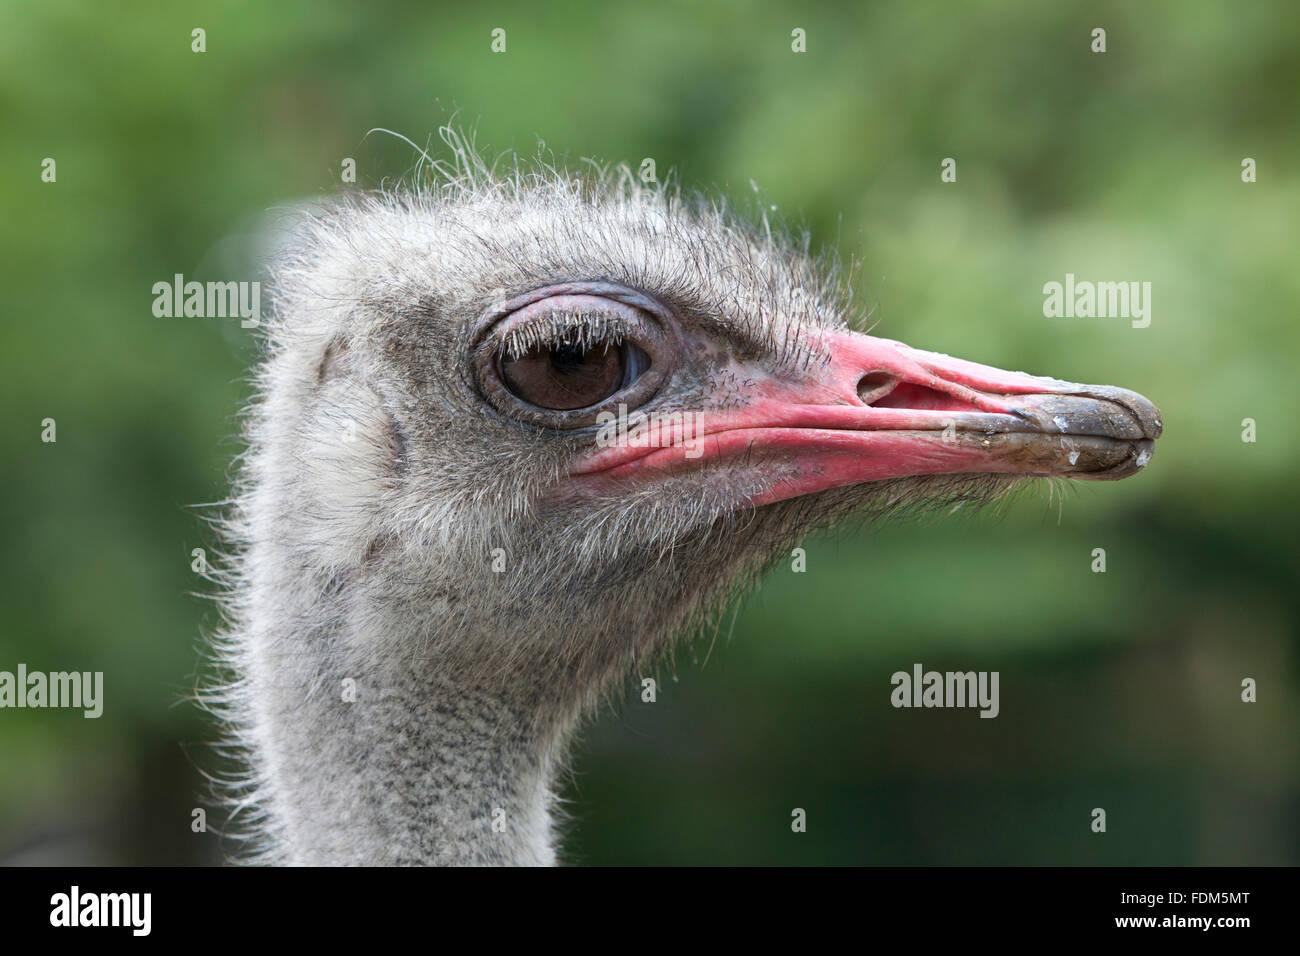 Vogel Strauß Kopf En Profil hautnah Stockbild